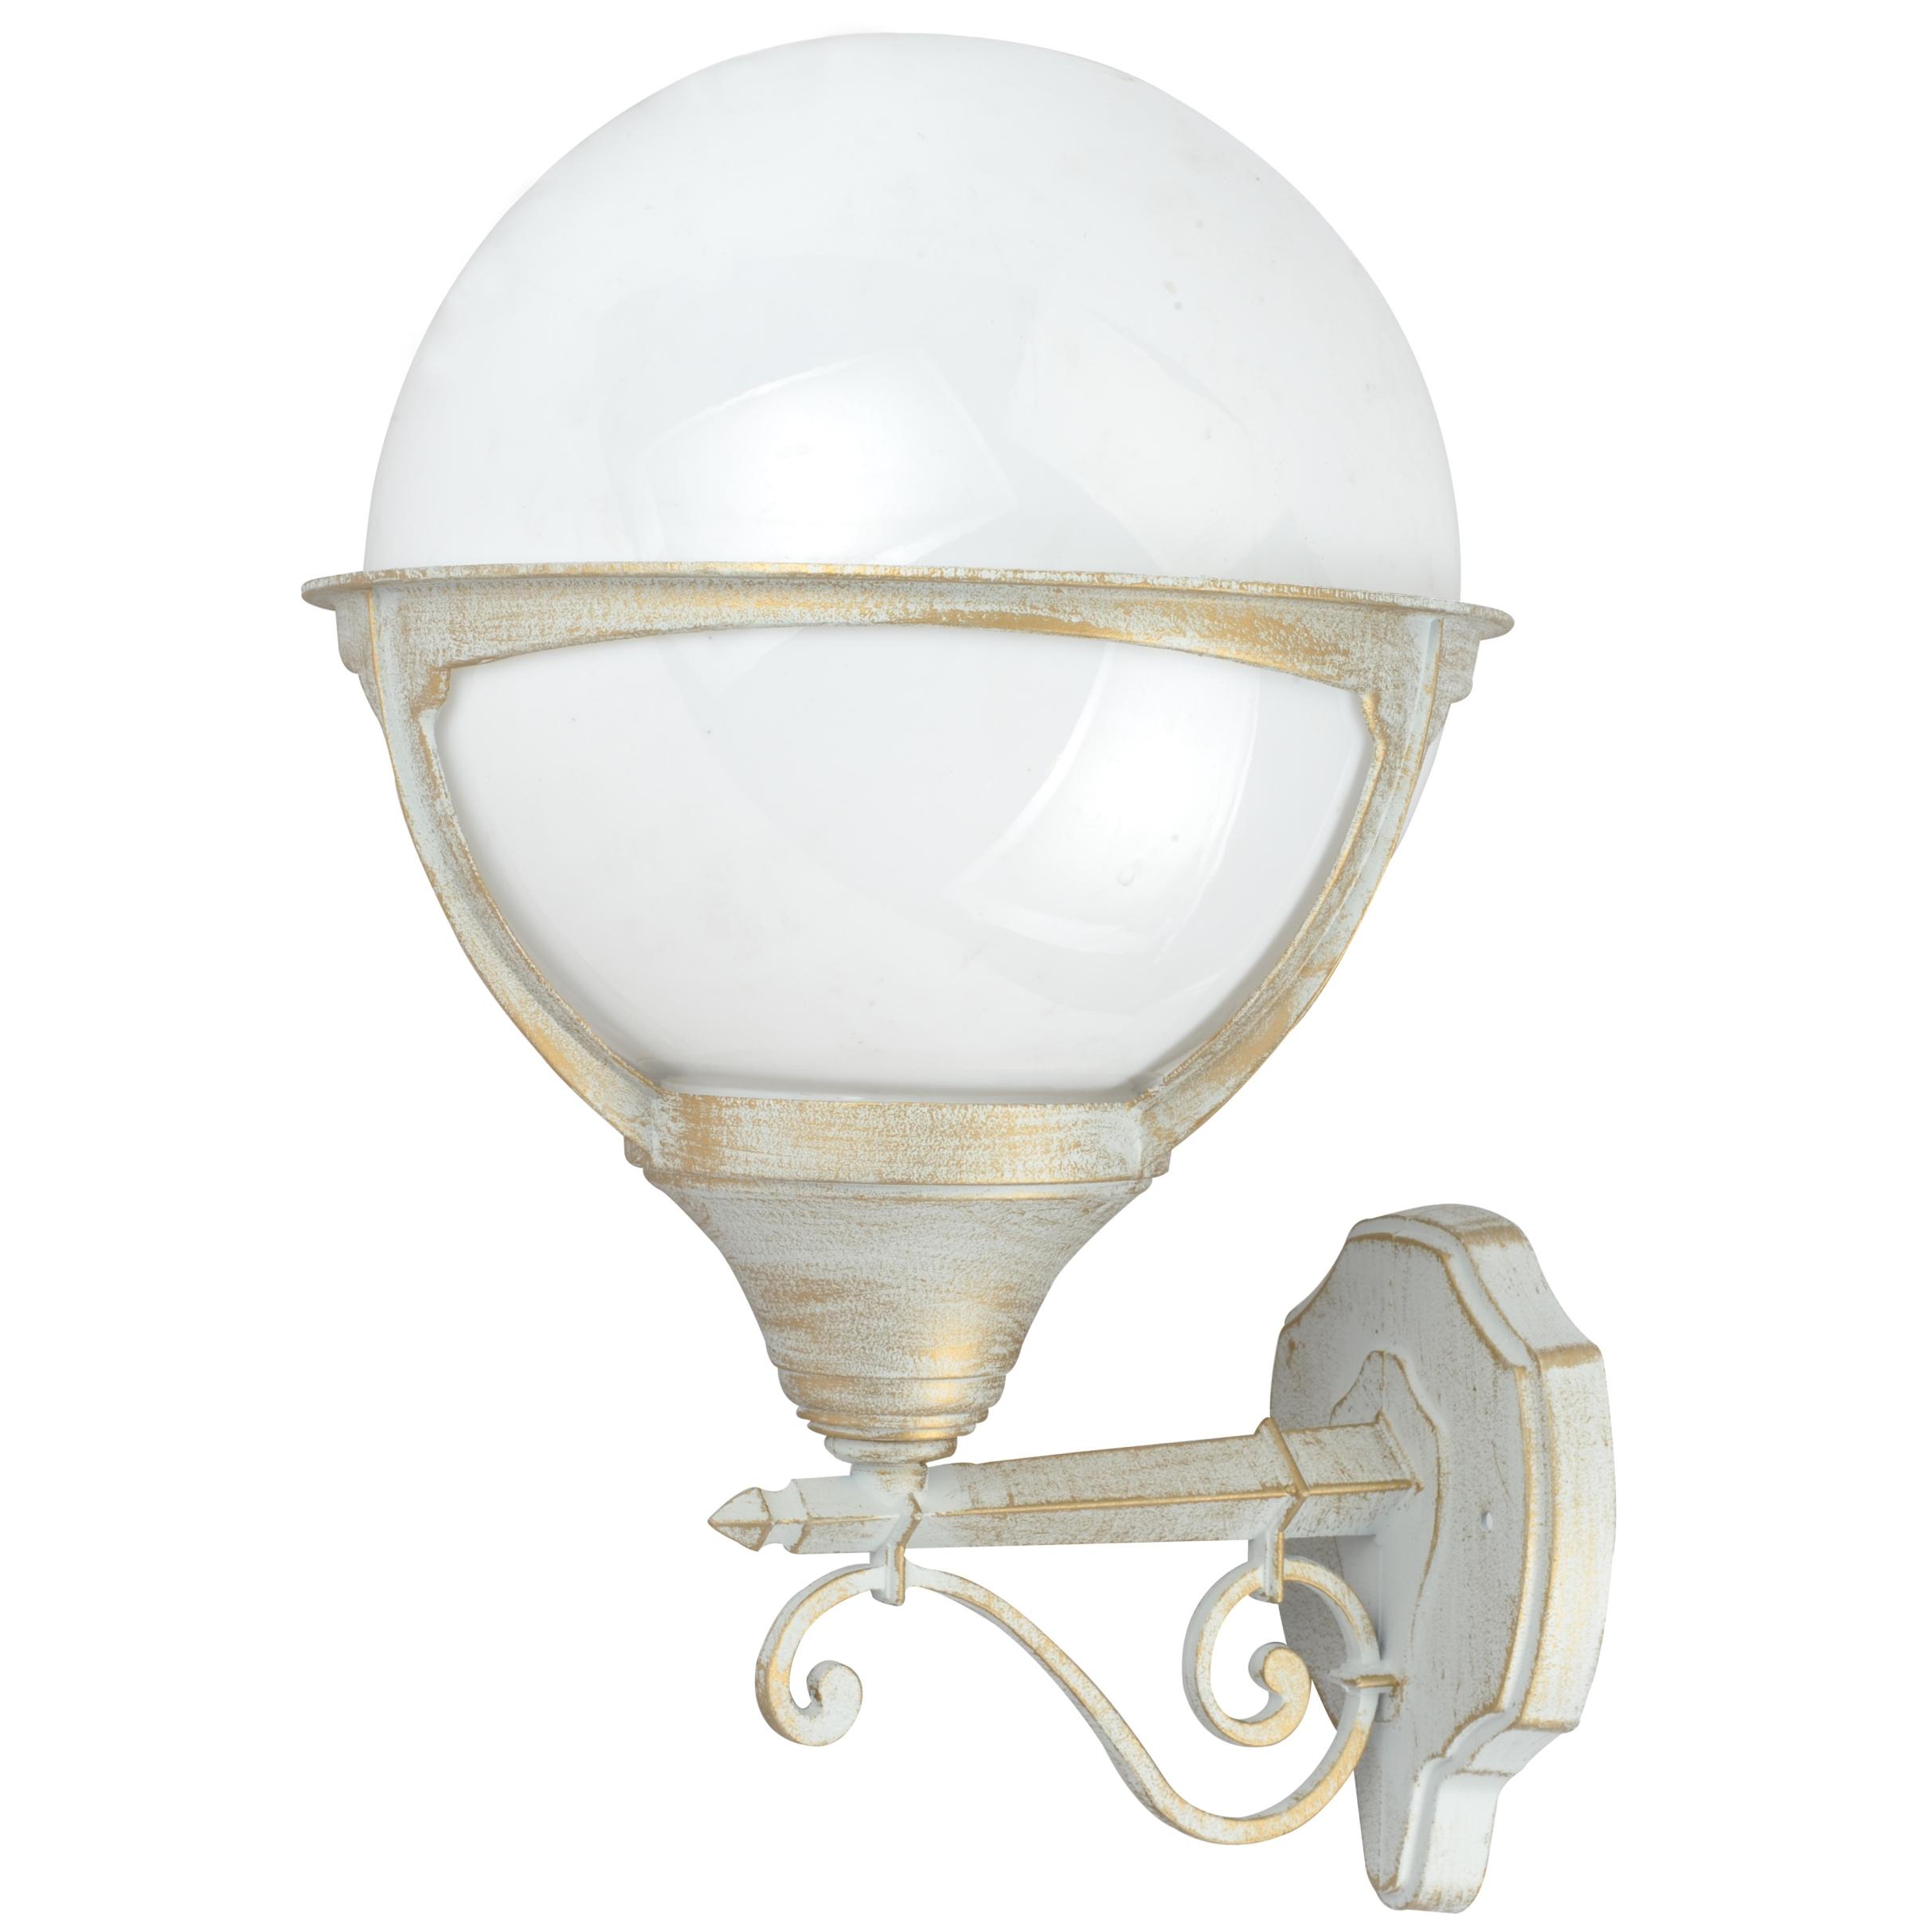 Светильник уличный настенный Arte lamp Monaco a1491al-1wg